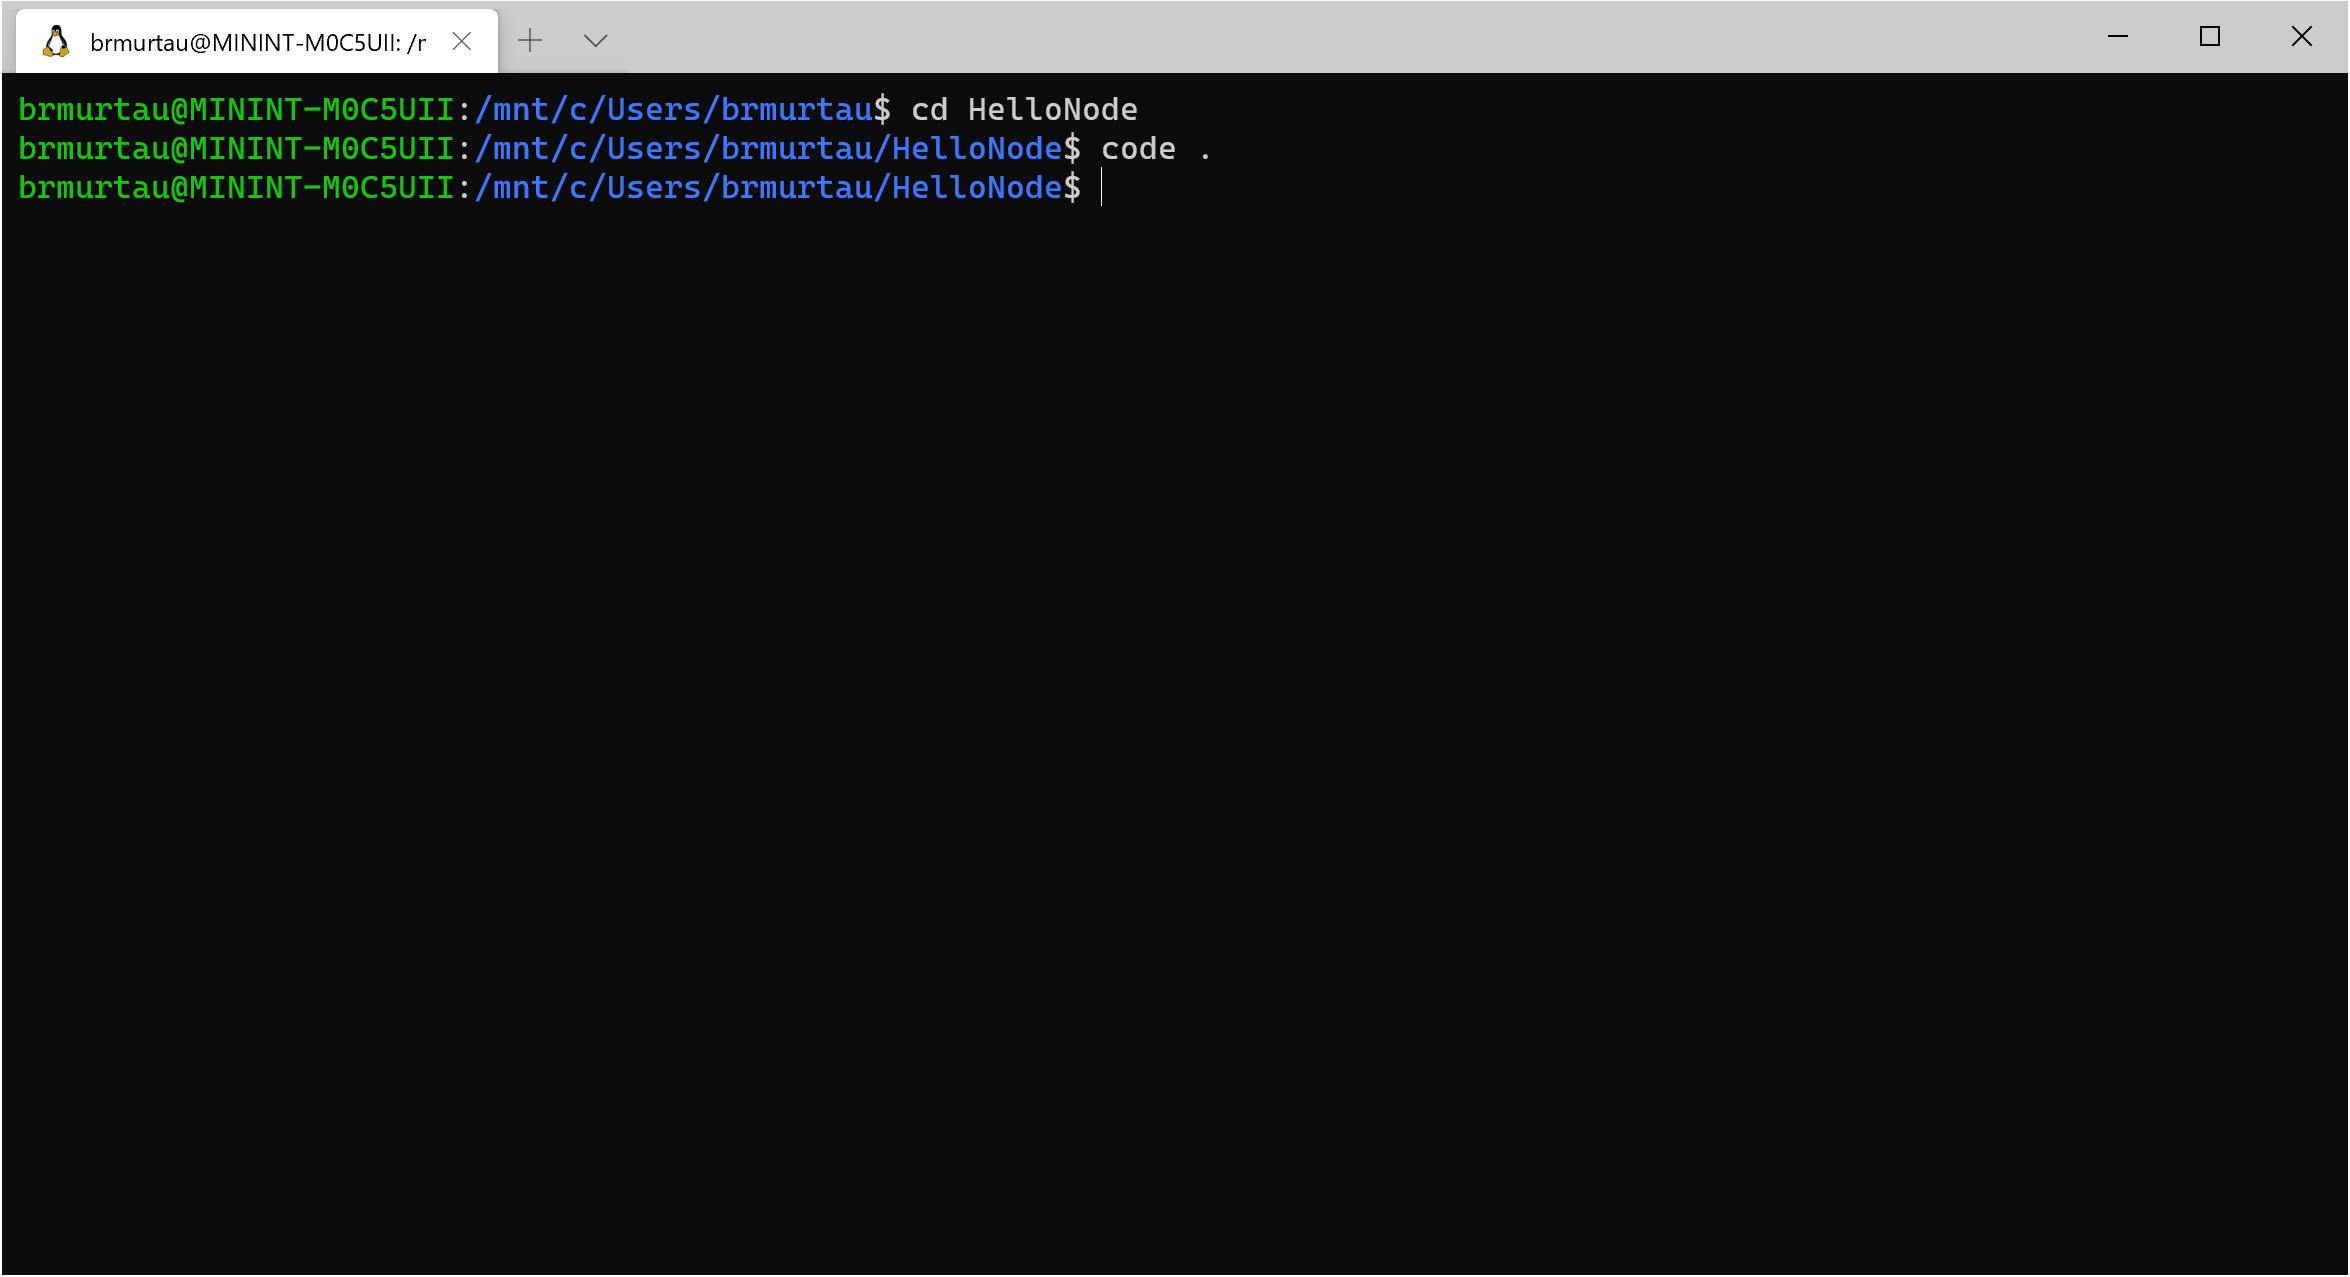 Launch code . from Ubuntu terminal